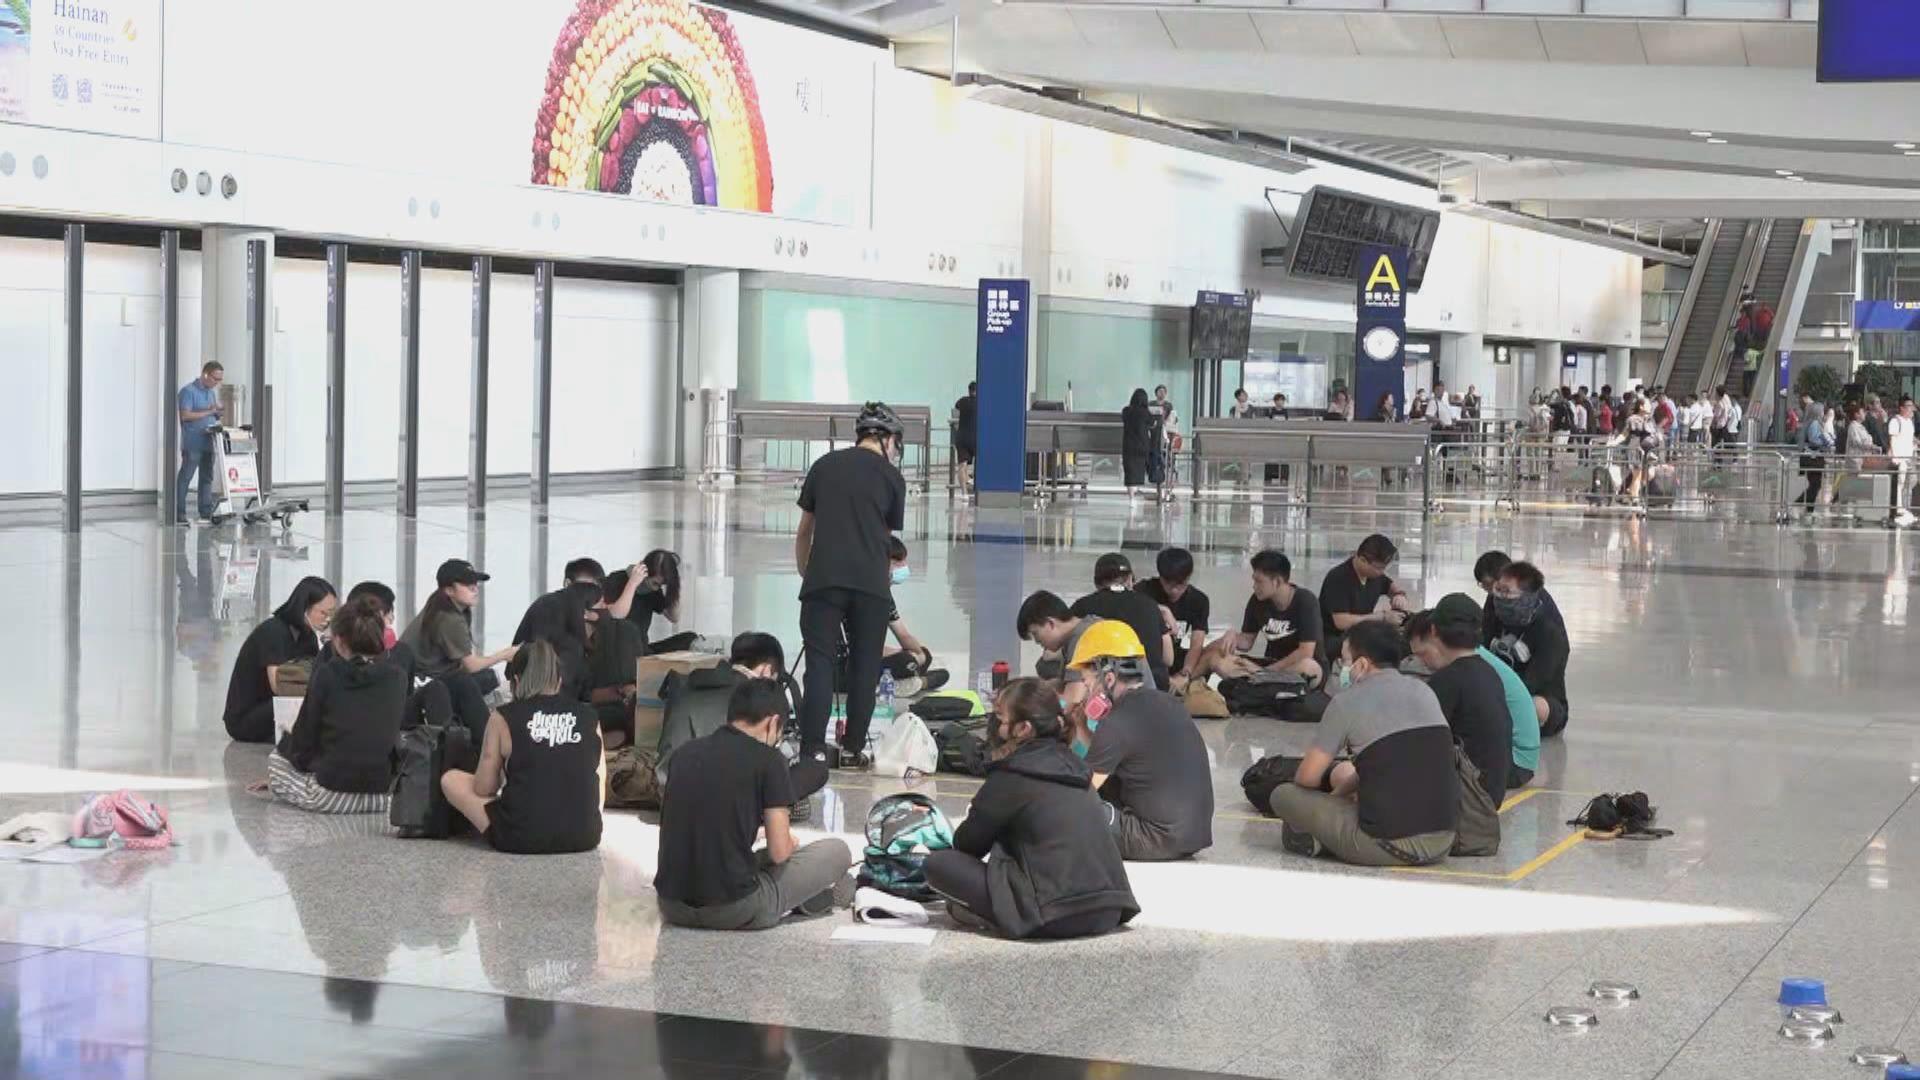 網民發起下午在機場舉行反修例集會